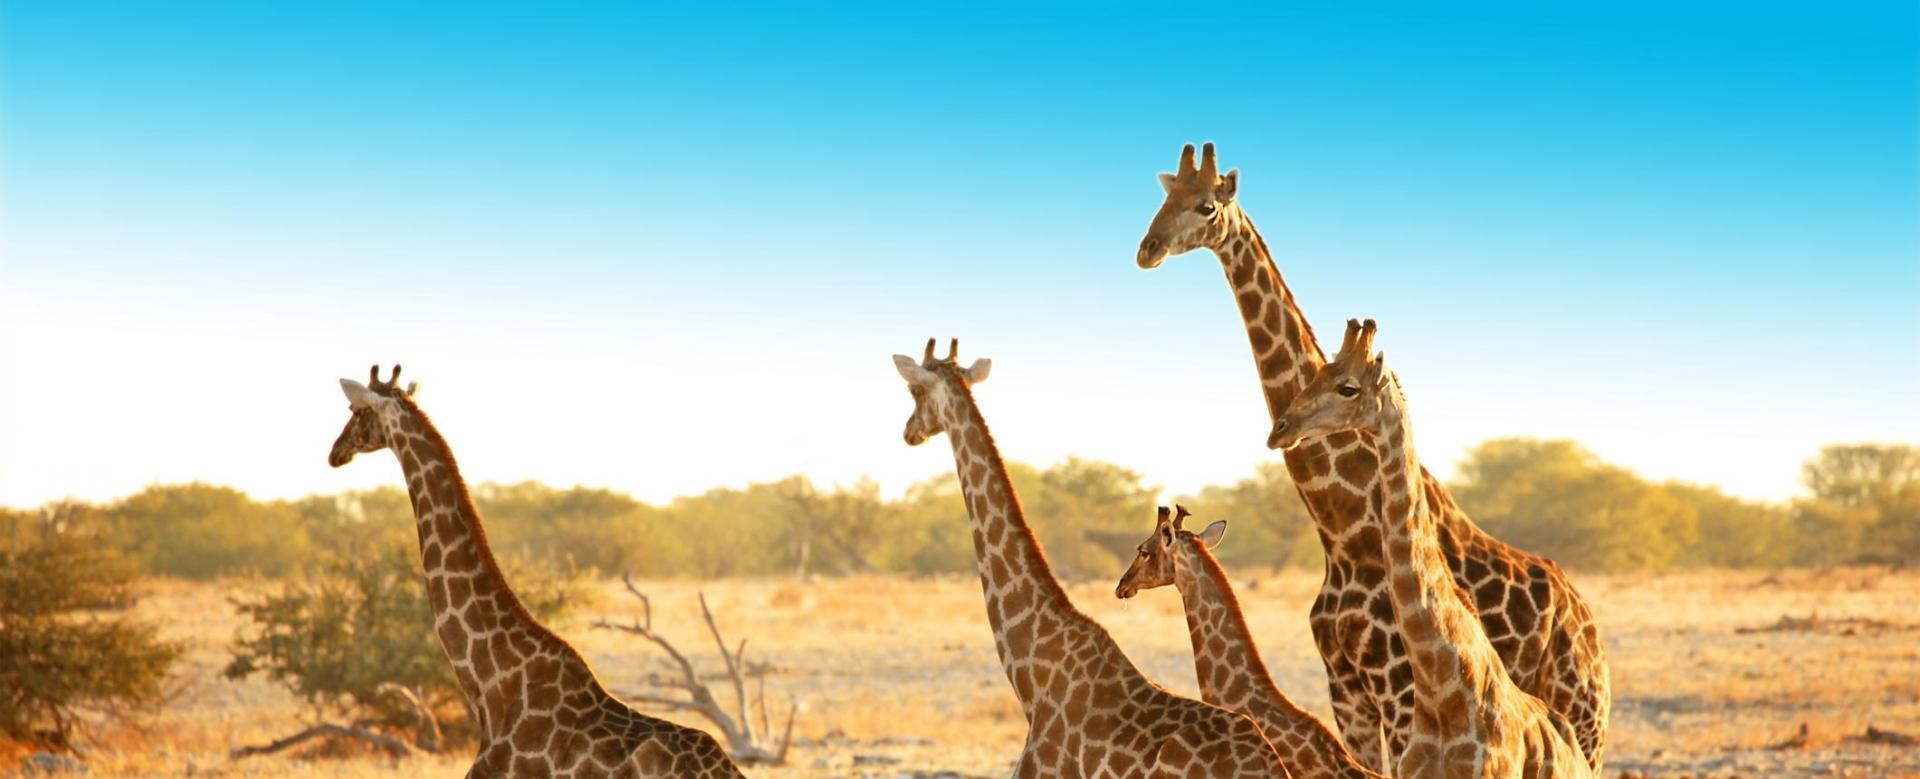 Voyage à pied : Safaris et légendes de namibie (en lodge)